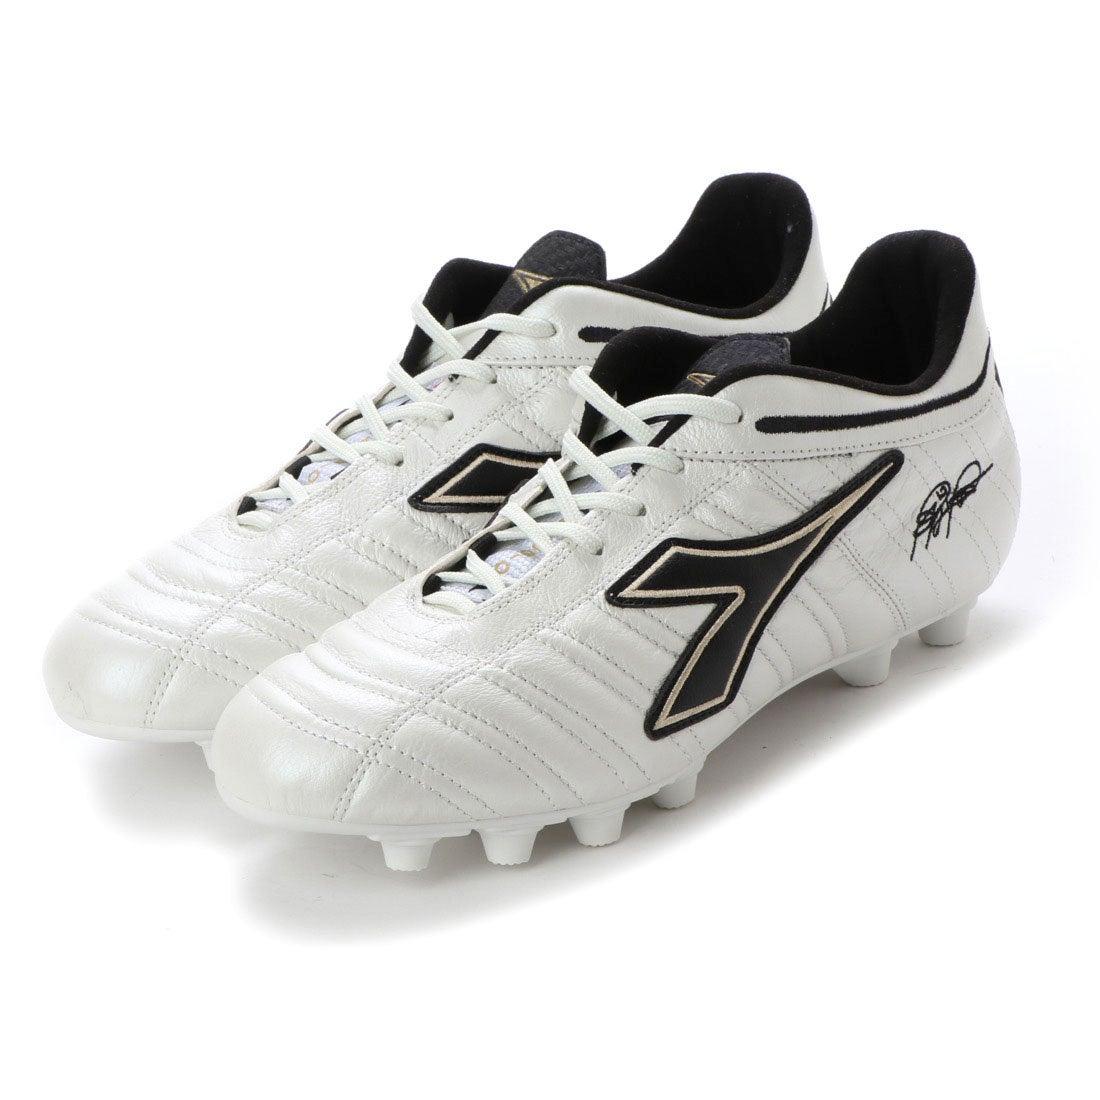 ロコンド 靴とファッションの通販サイトディアドラ Diadora サッカー スパイクシューズ バッジョ03イタリー og mdpu 173465